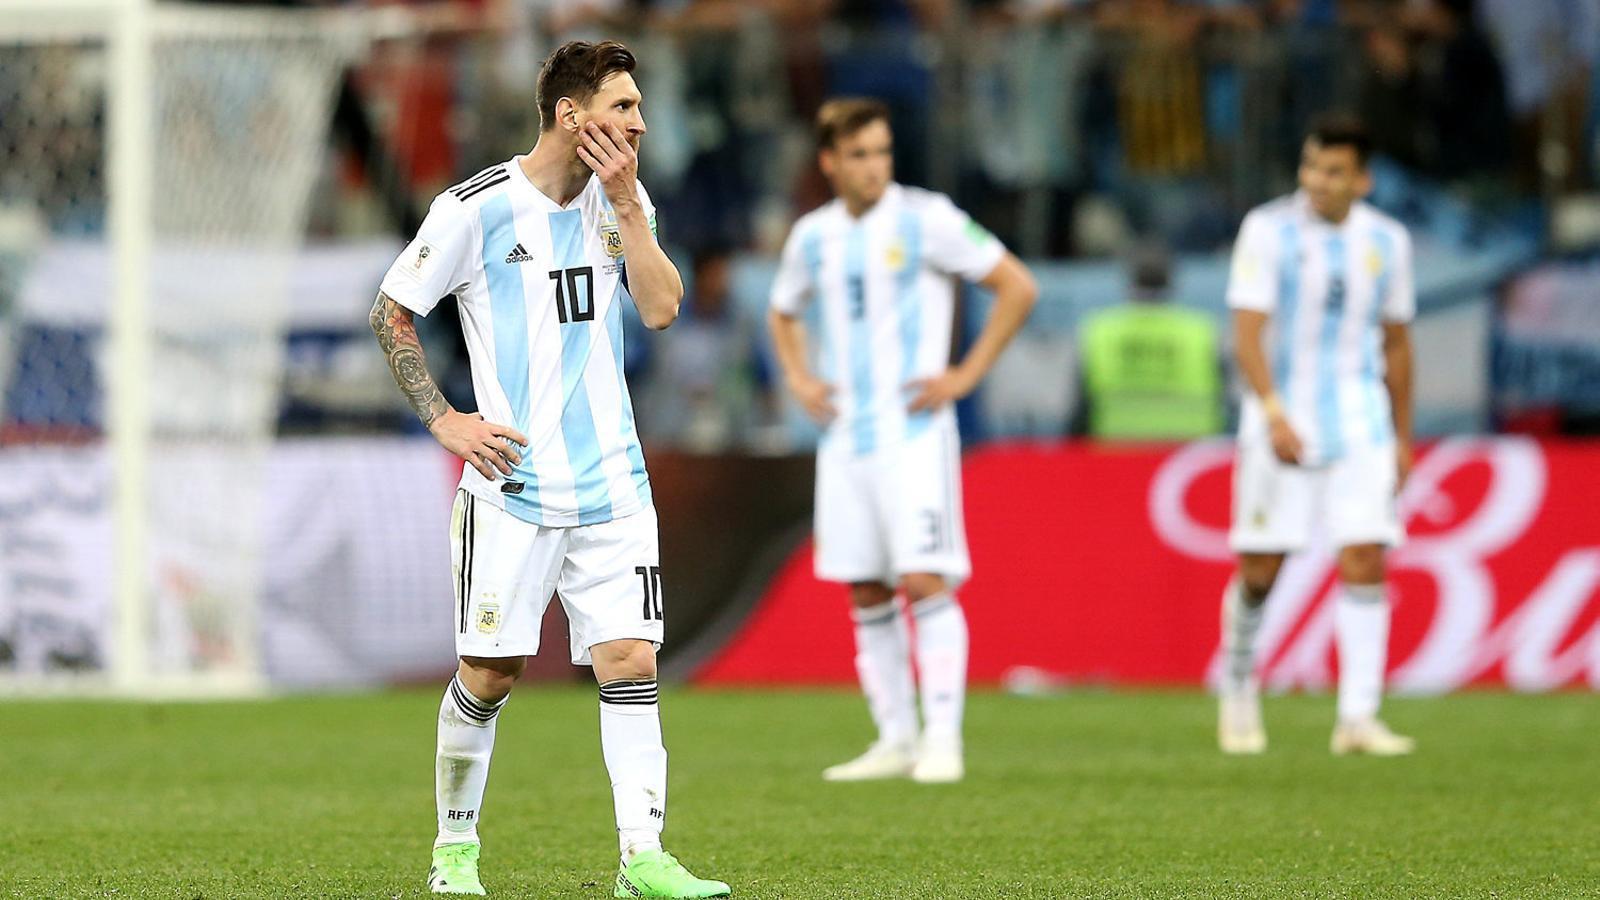 Leo Messi abatut després de la golejada que ahir va encaixar l'Argentina contra Croàcia i que els deixa en l'abisme.